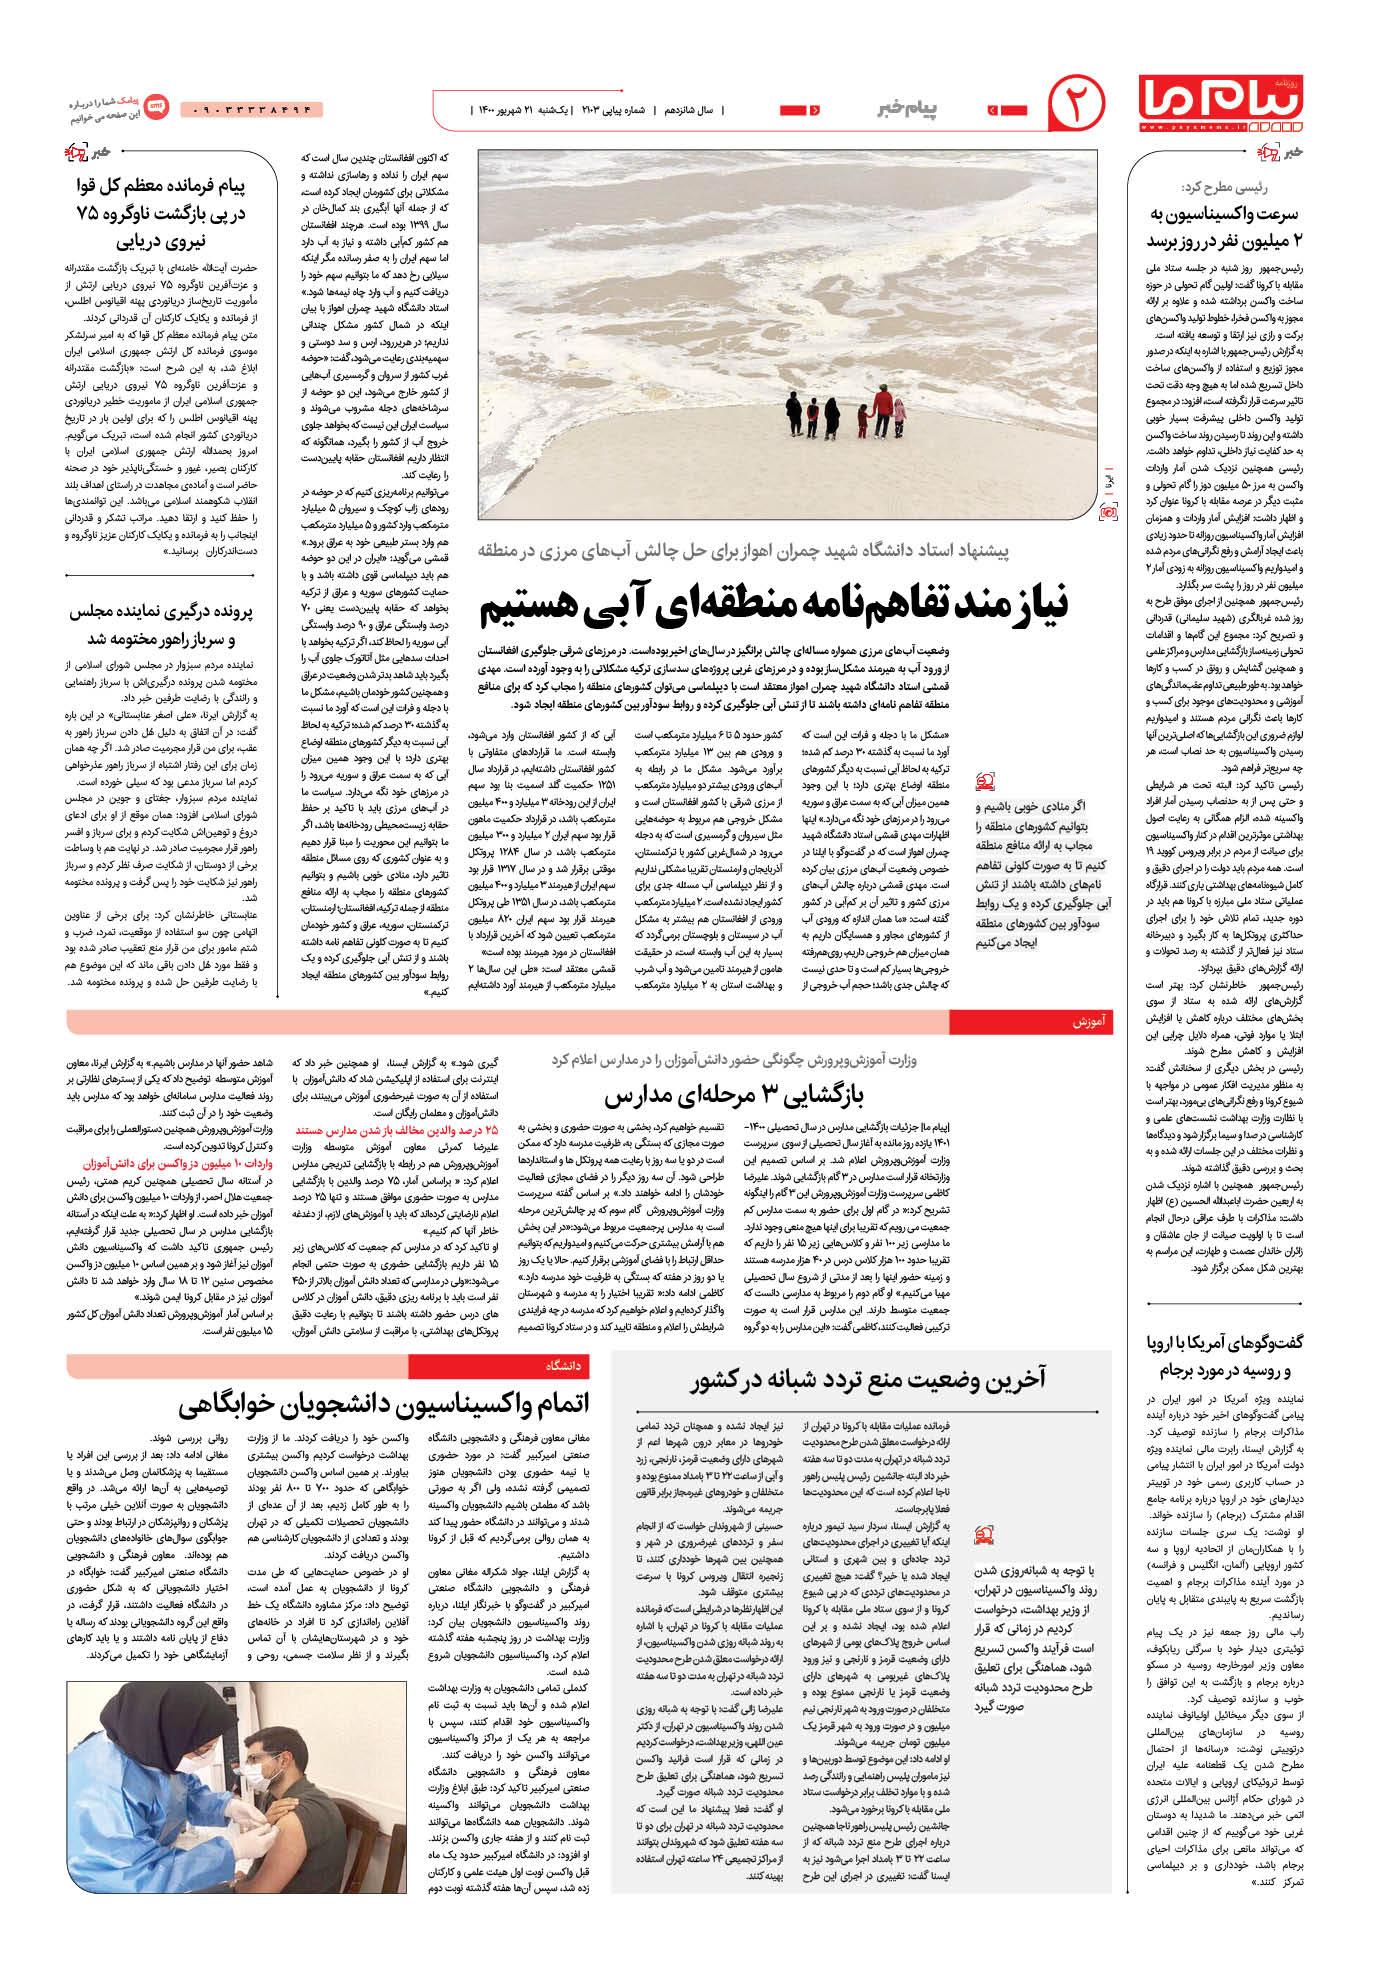 صفحه پیام خبر شماره 2103 روزنامه پیام ما